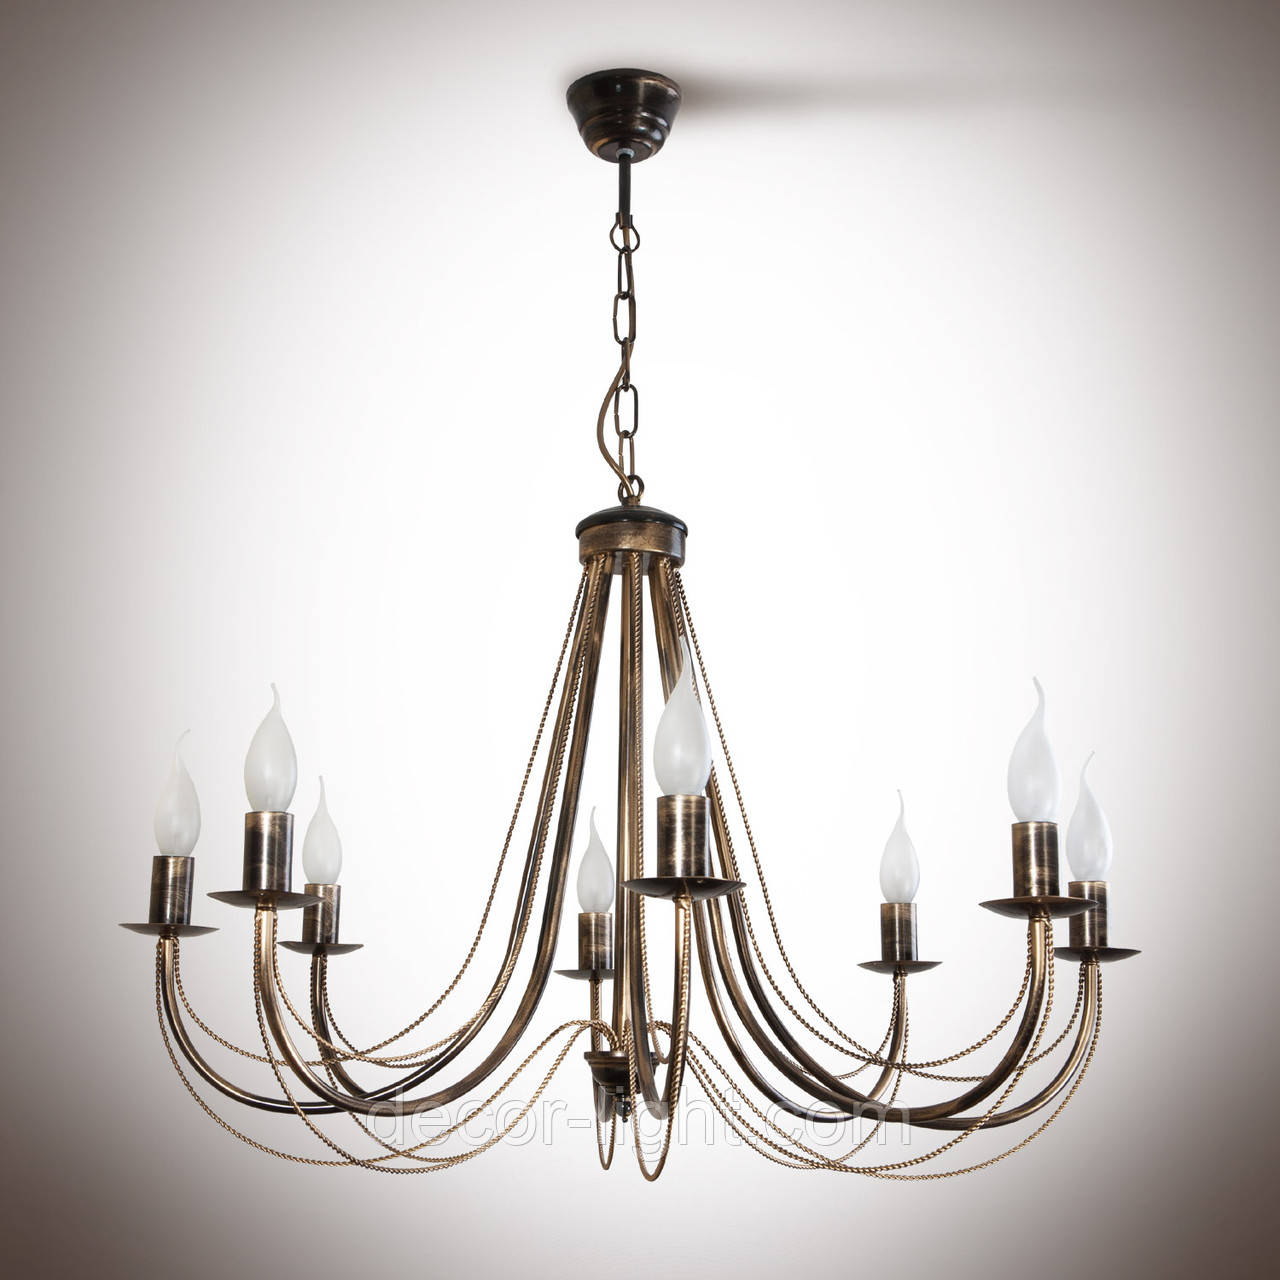 Люстра классическая 8-ми ламповая со свечами 30108-1